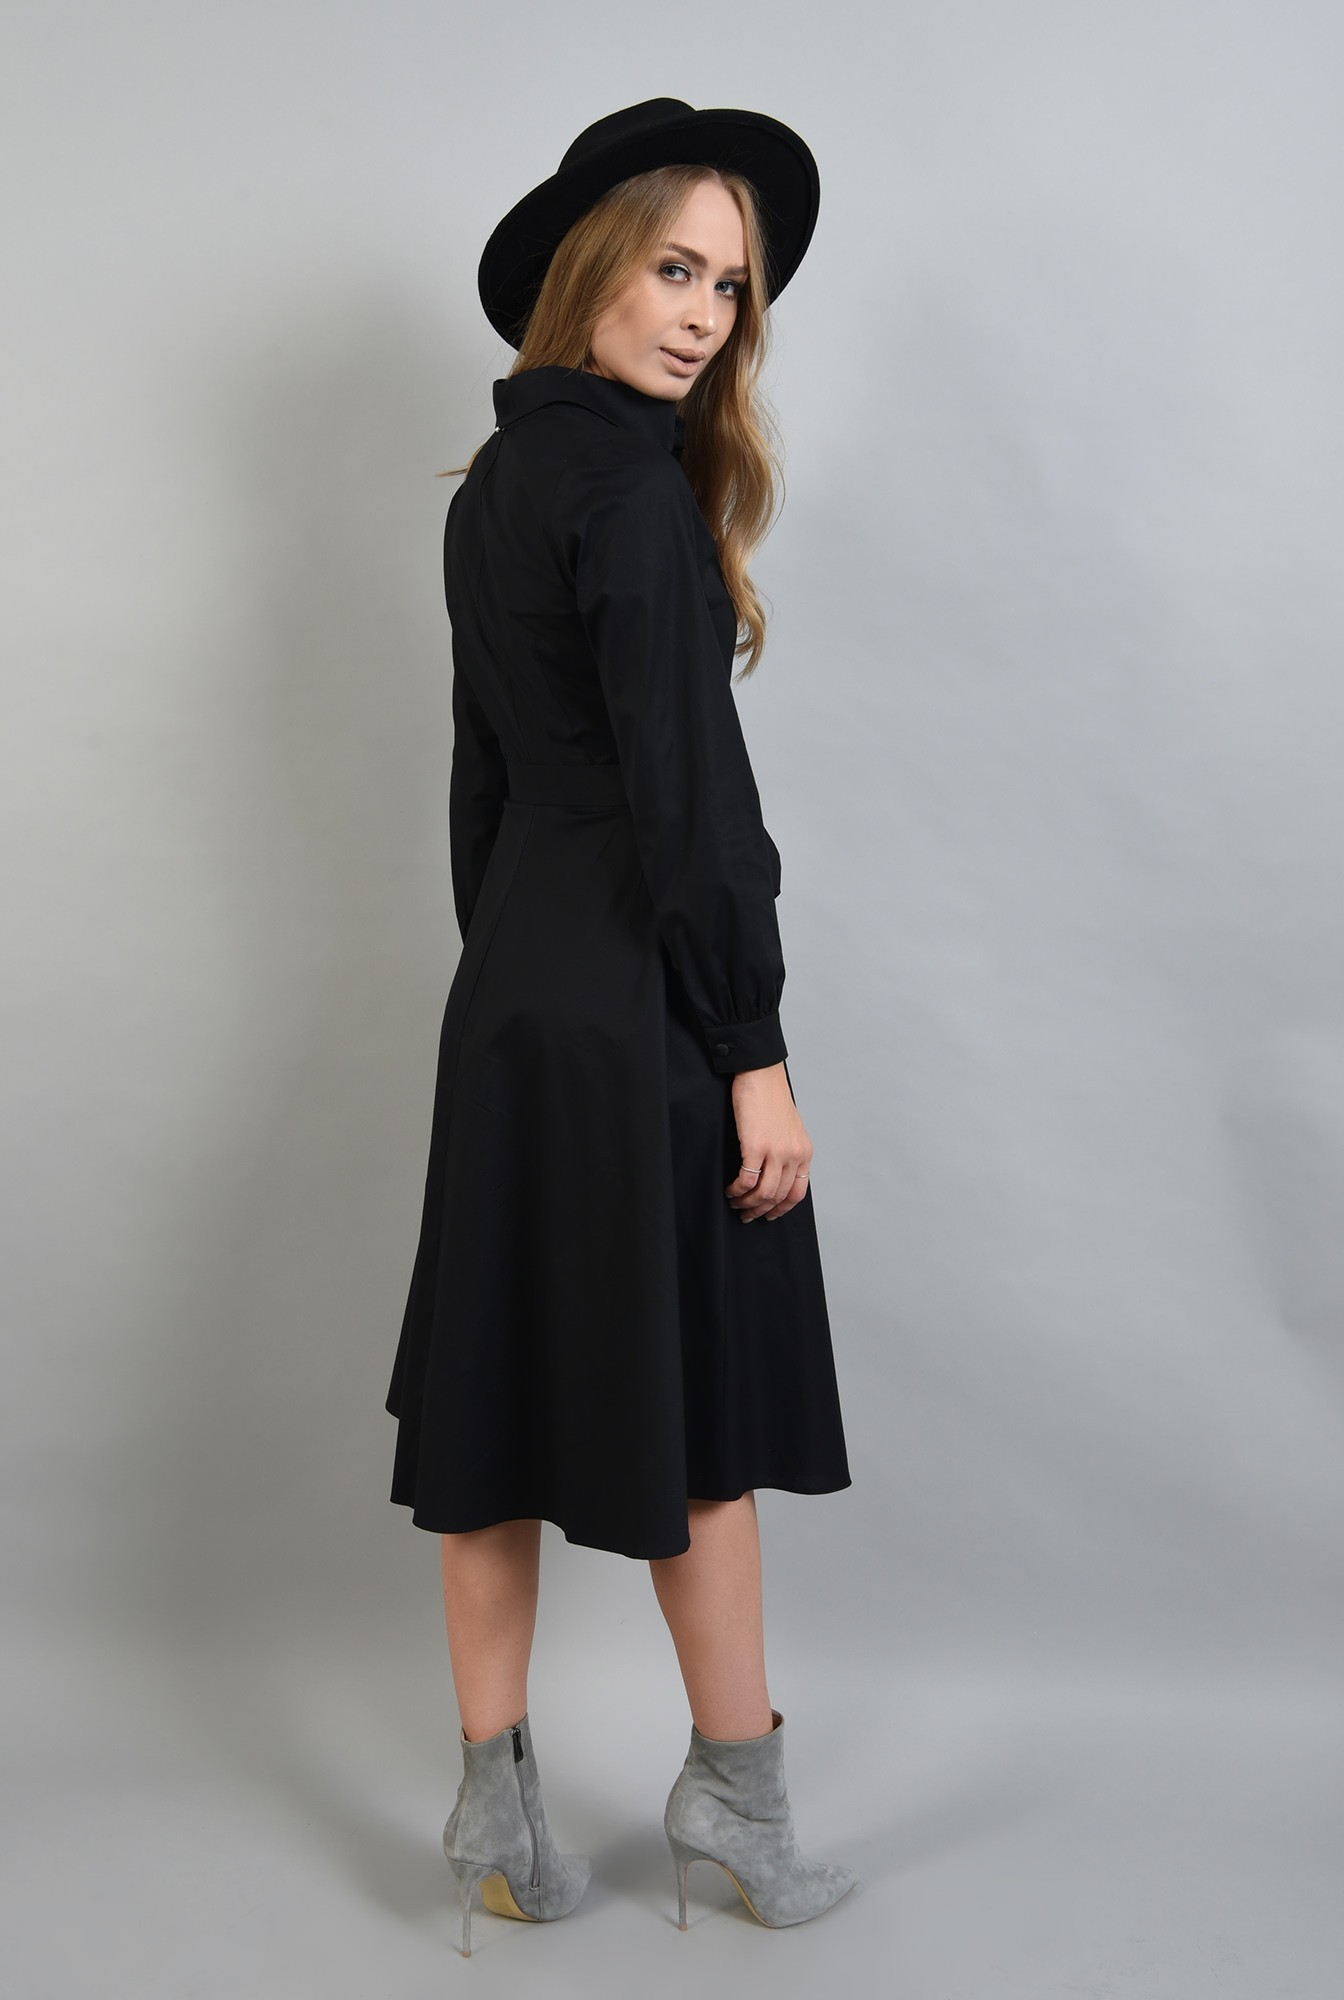 0 - rochie neagra midi, evazata, cu maneca lunga